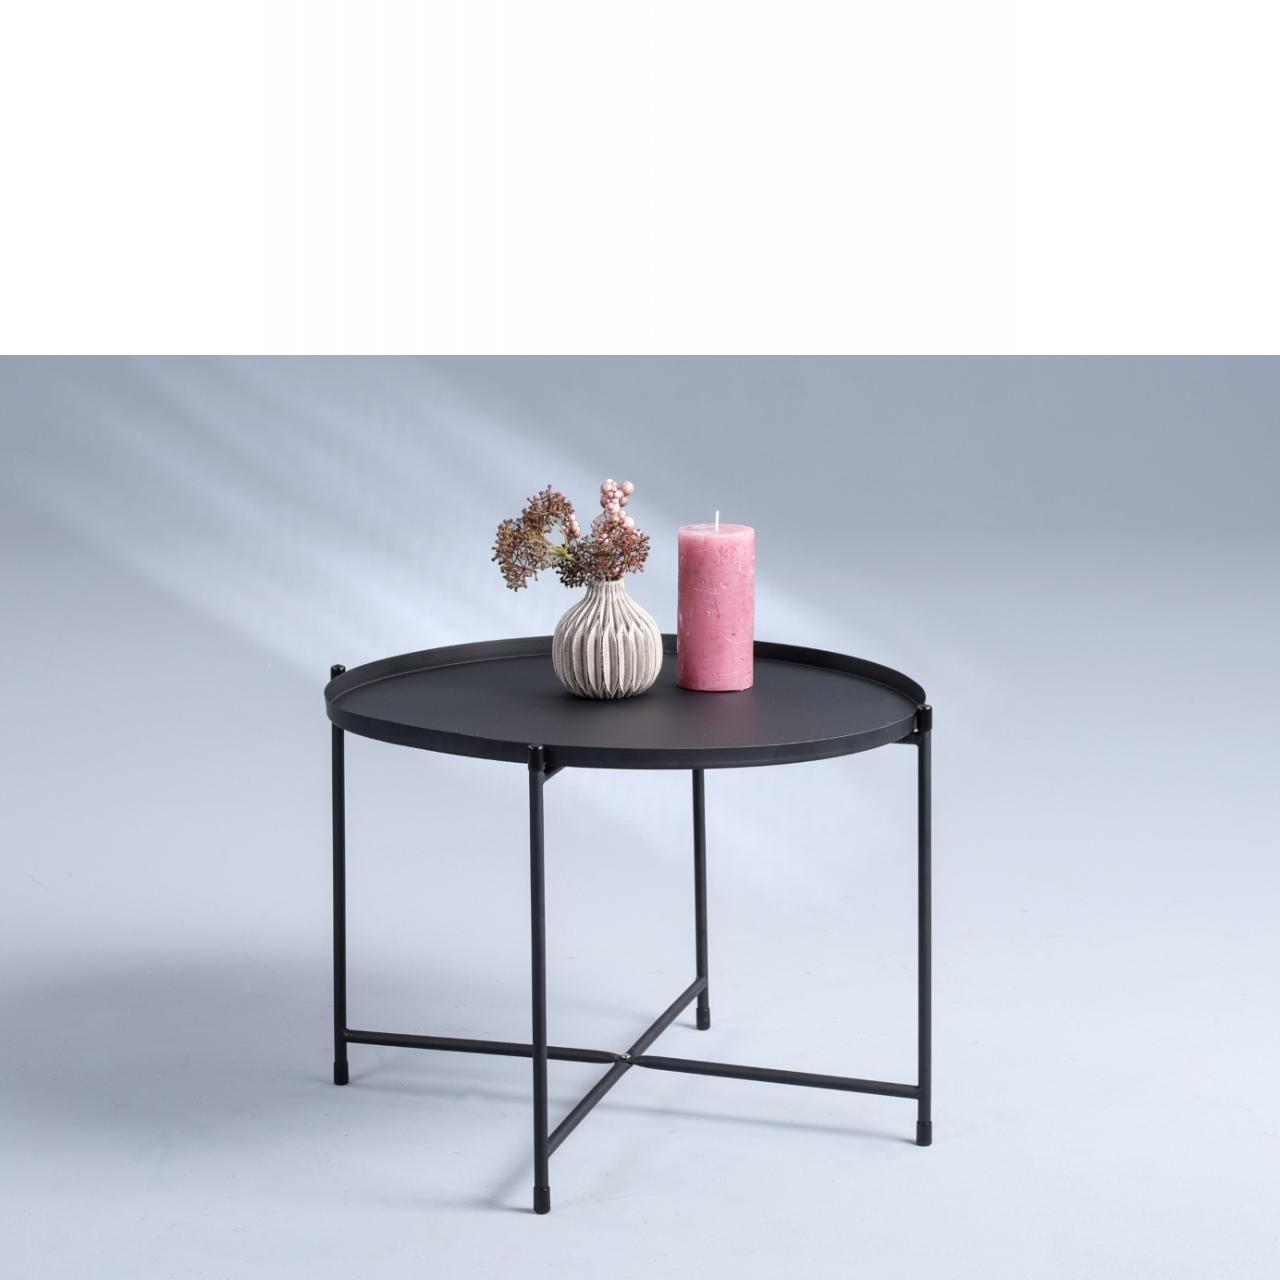 Couchtisch Seattle schwarz rund 56 cm Metall Tablett abnehmbar